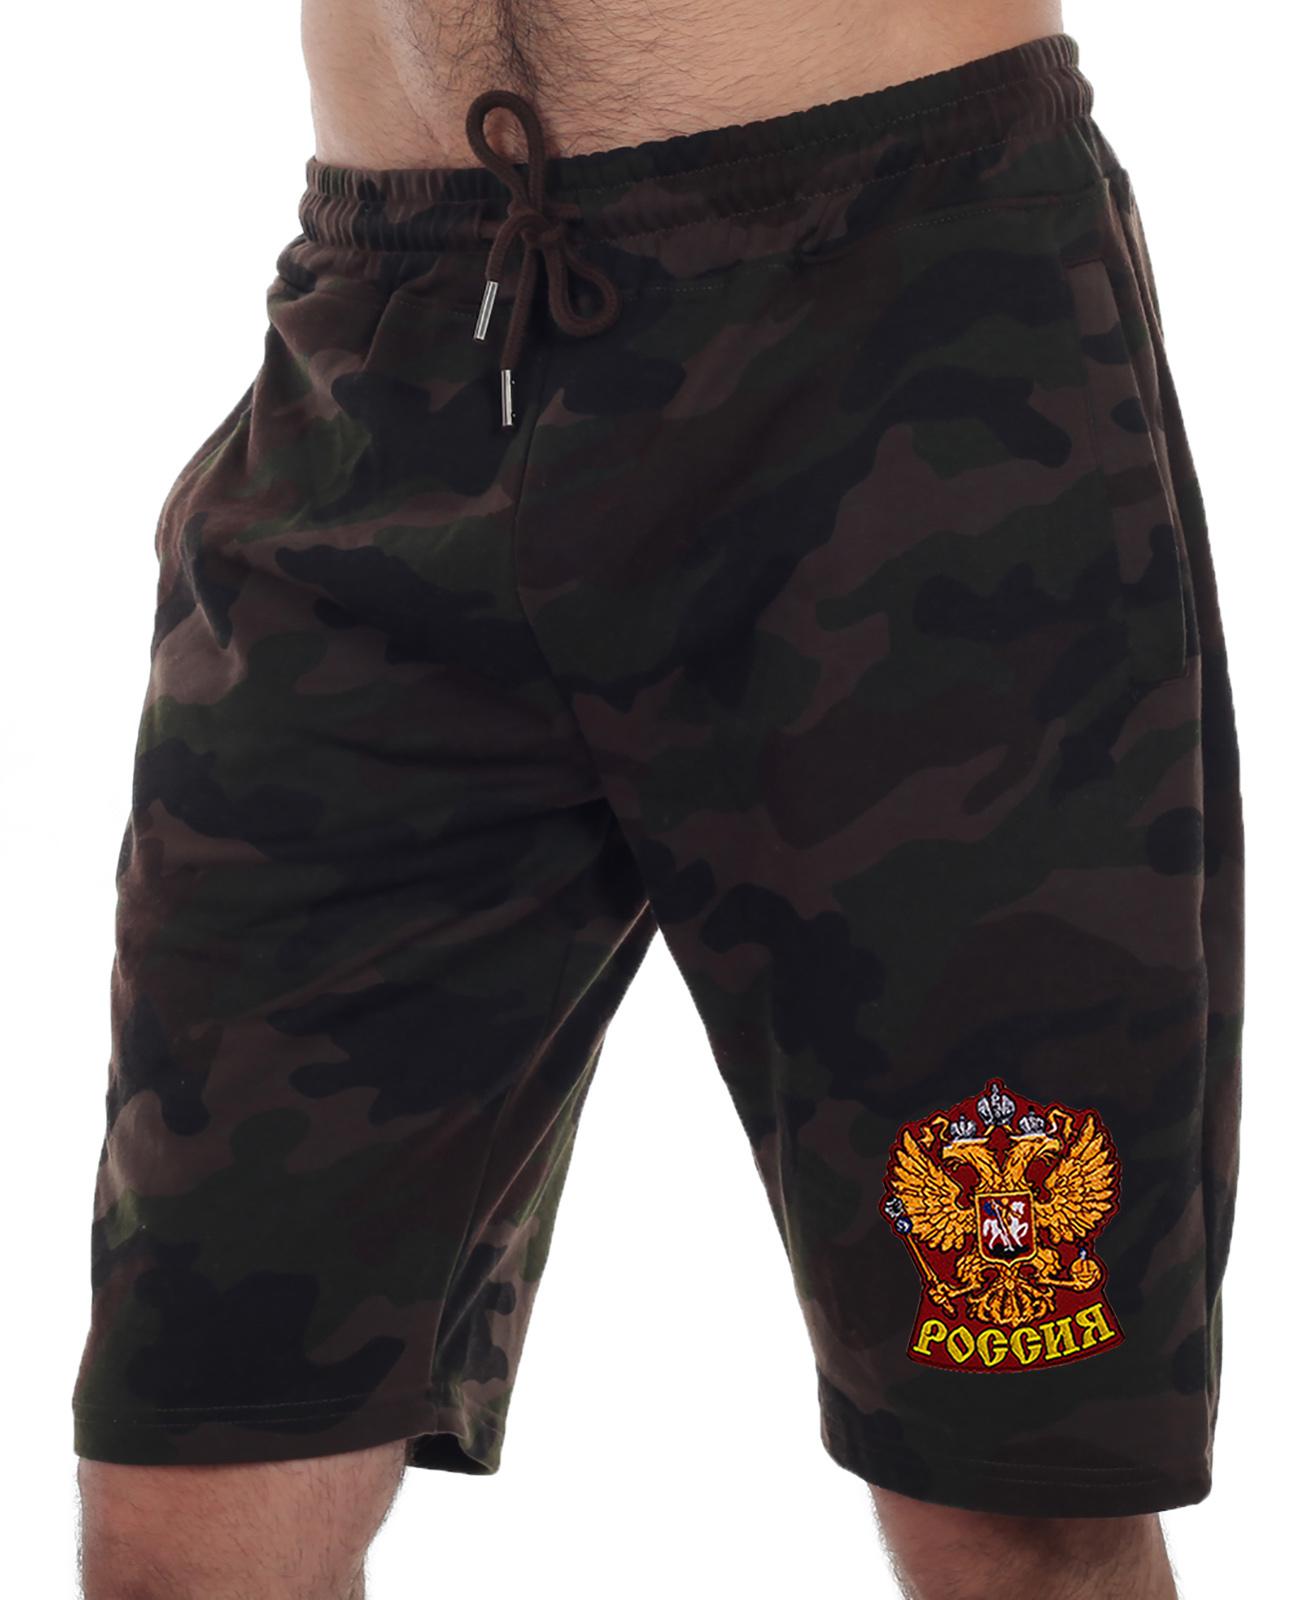 Купить камуфлированные армейские шорты с нашивкой Россия в подарок выгодно